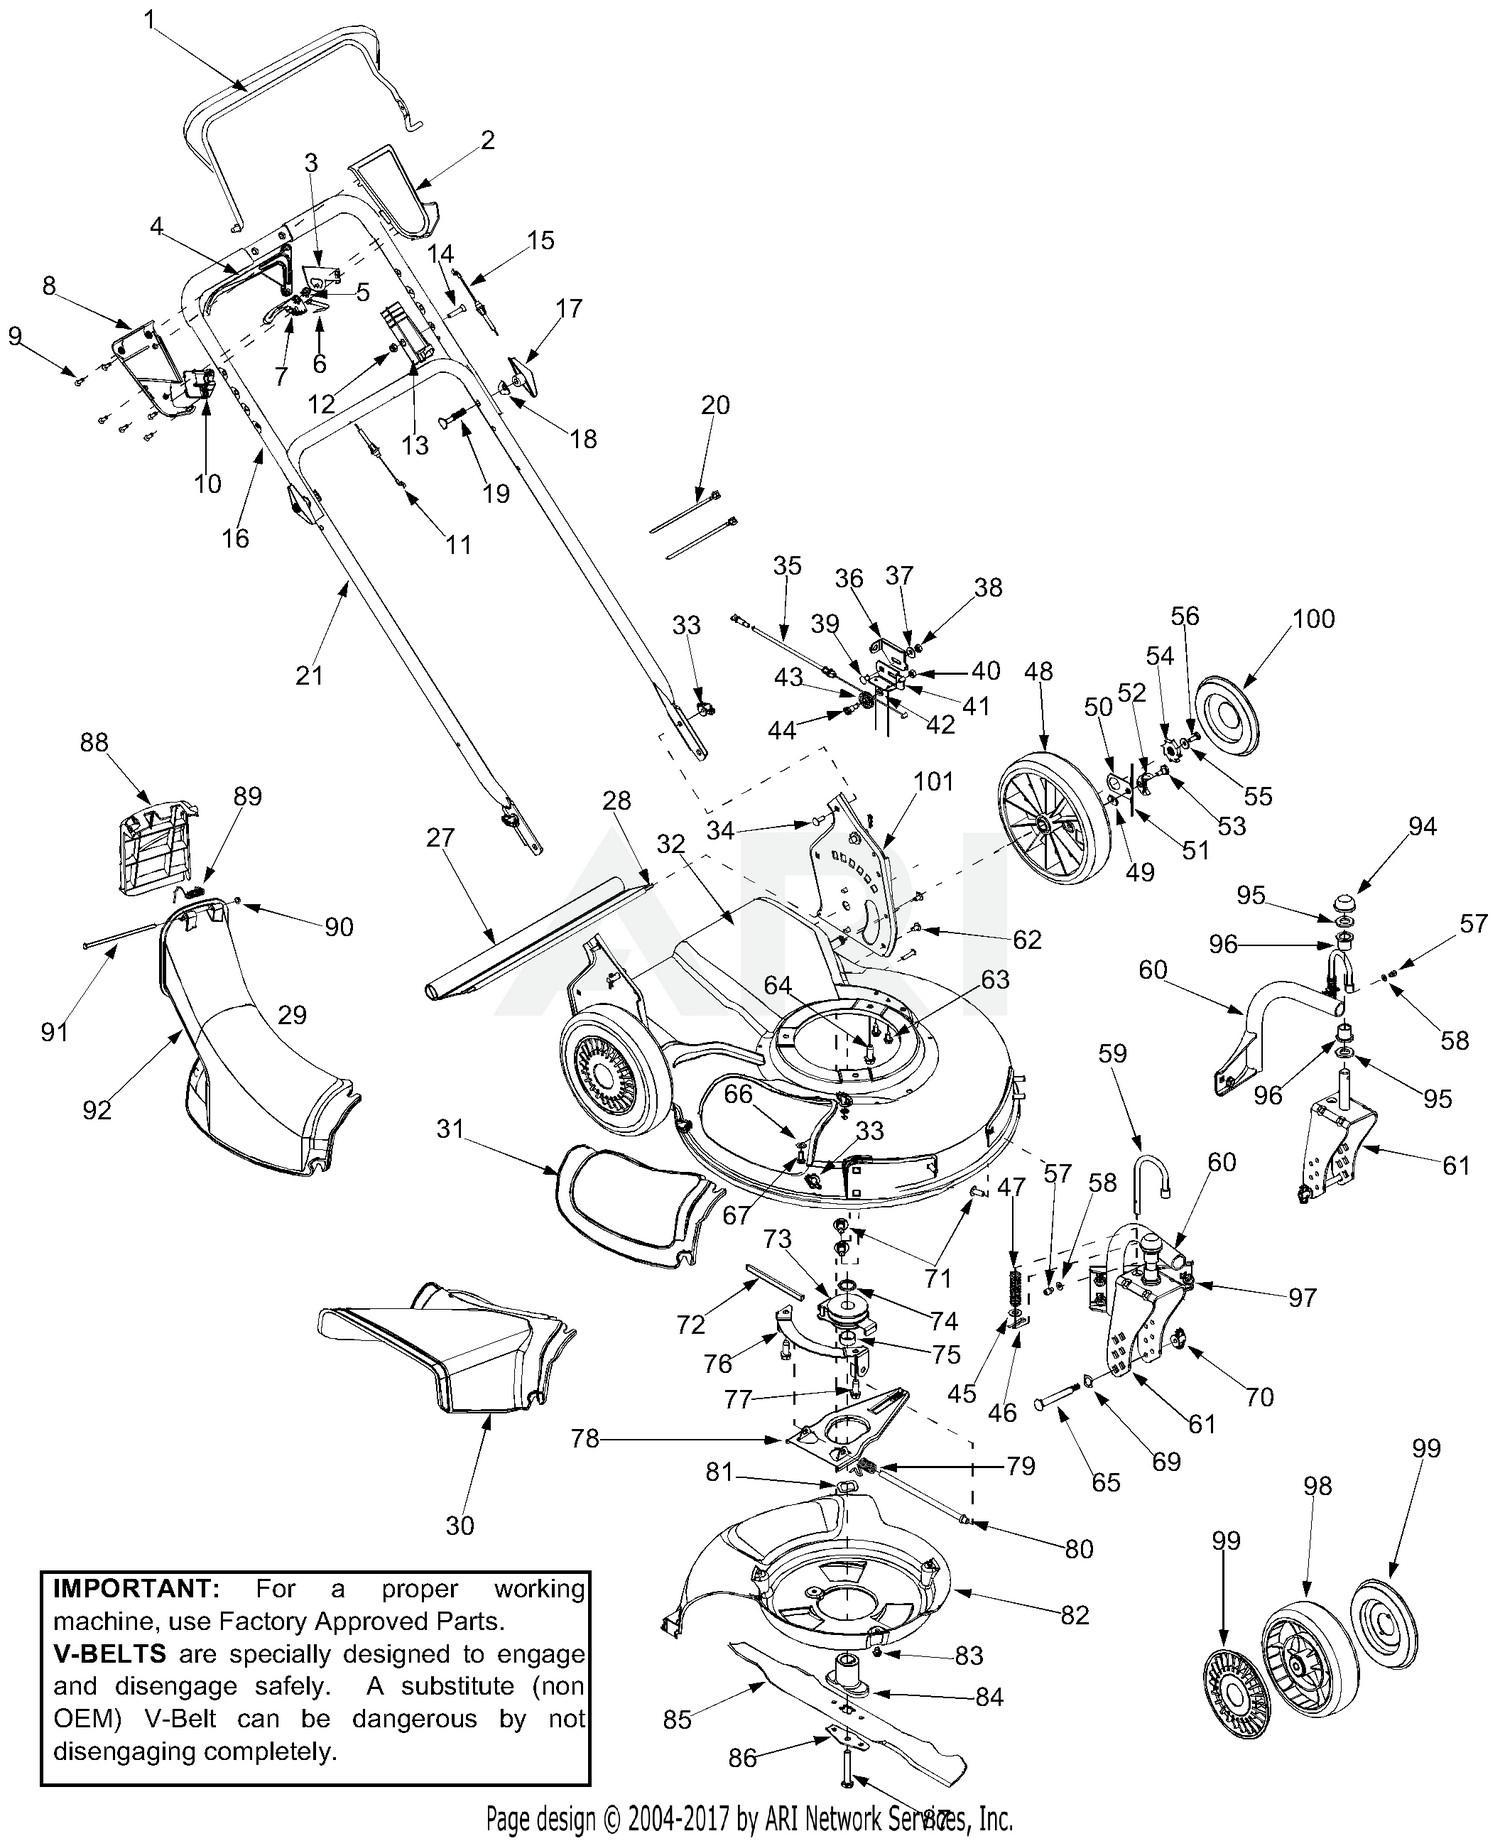 hight resolution of cub cadet src 621 parts diagram arimain cubcadet of cub cadet src 621 parts diagram cub